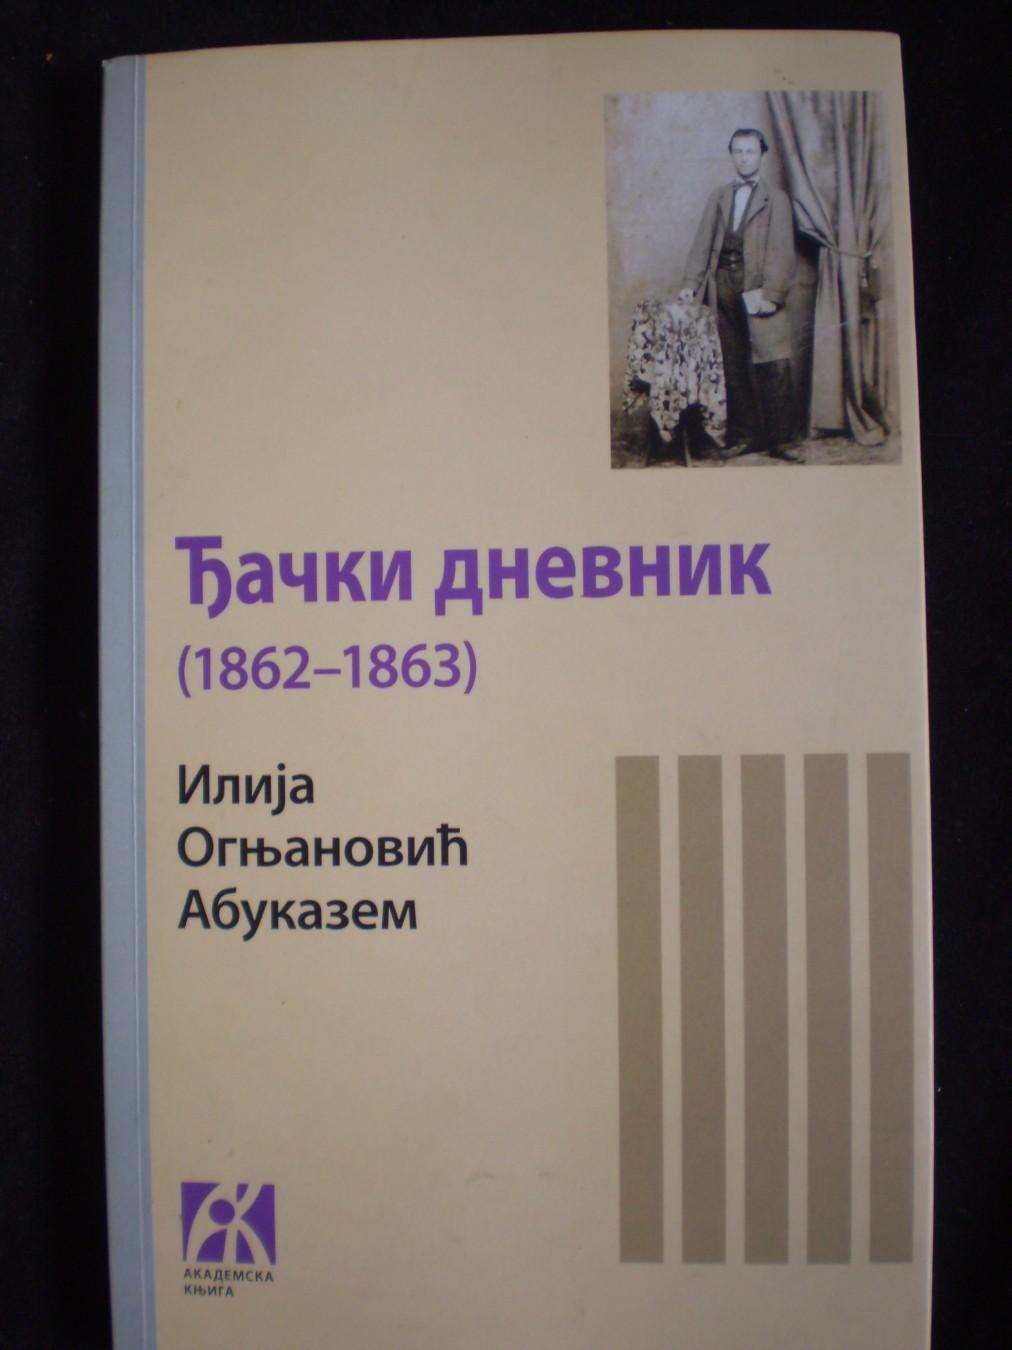 Ilija-Ognjanovic-Abukazem-DjACKI-DNEVNIK-1862-1863